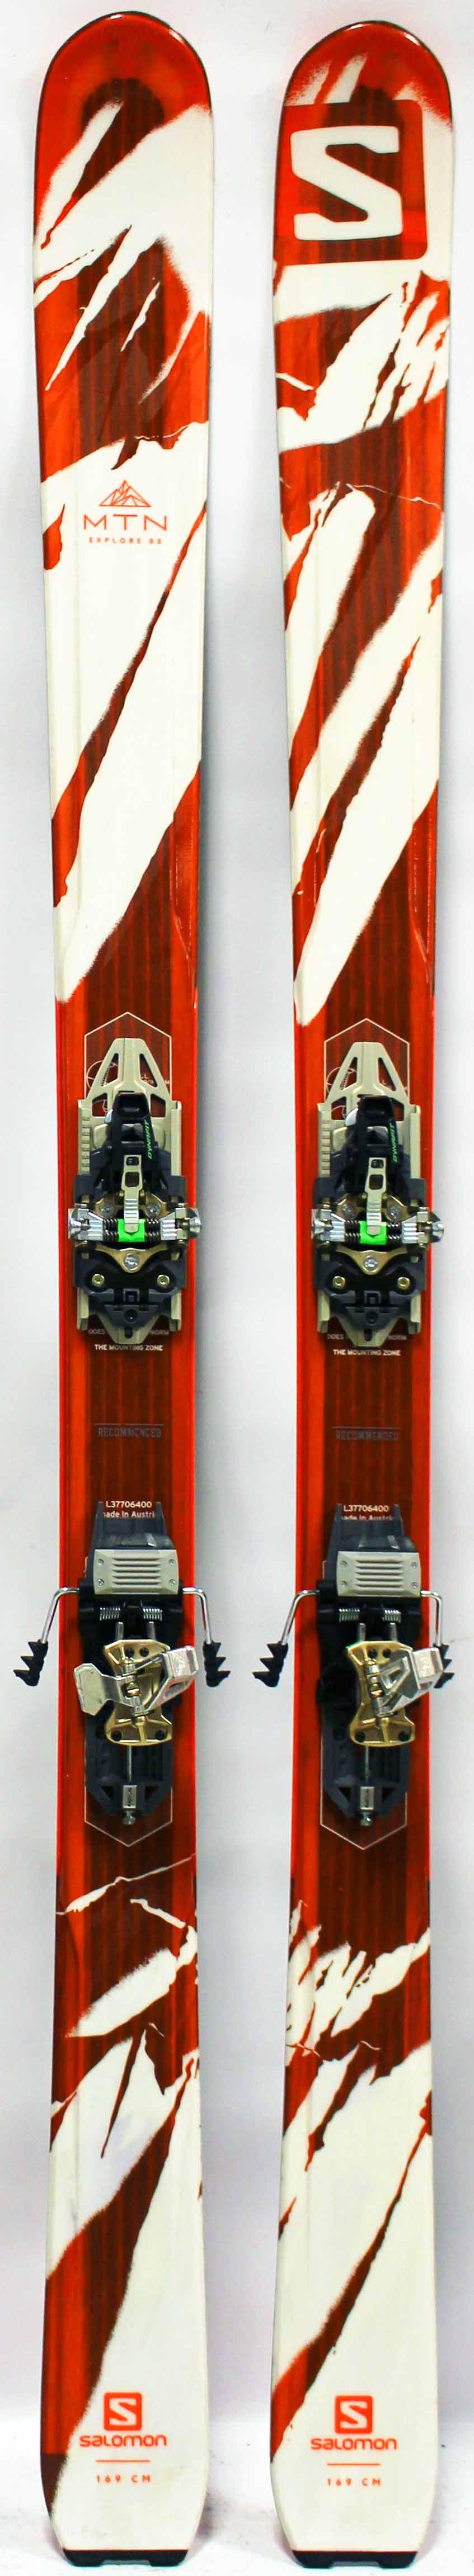 qualità stabile più amato comprare in vendita Salomon MTN Explore 88 AT Setup Men's Skis | Powder7